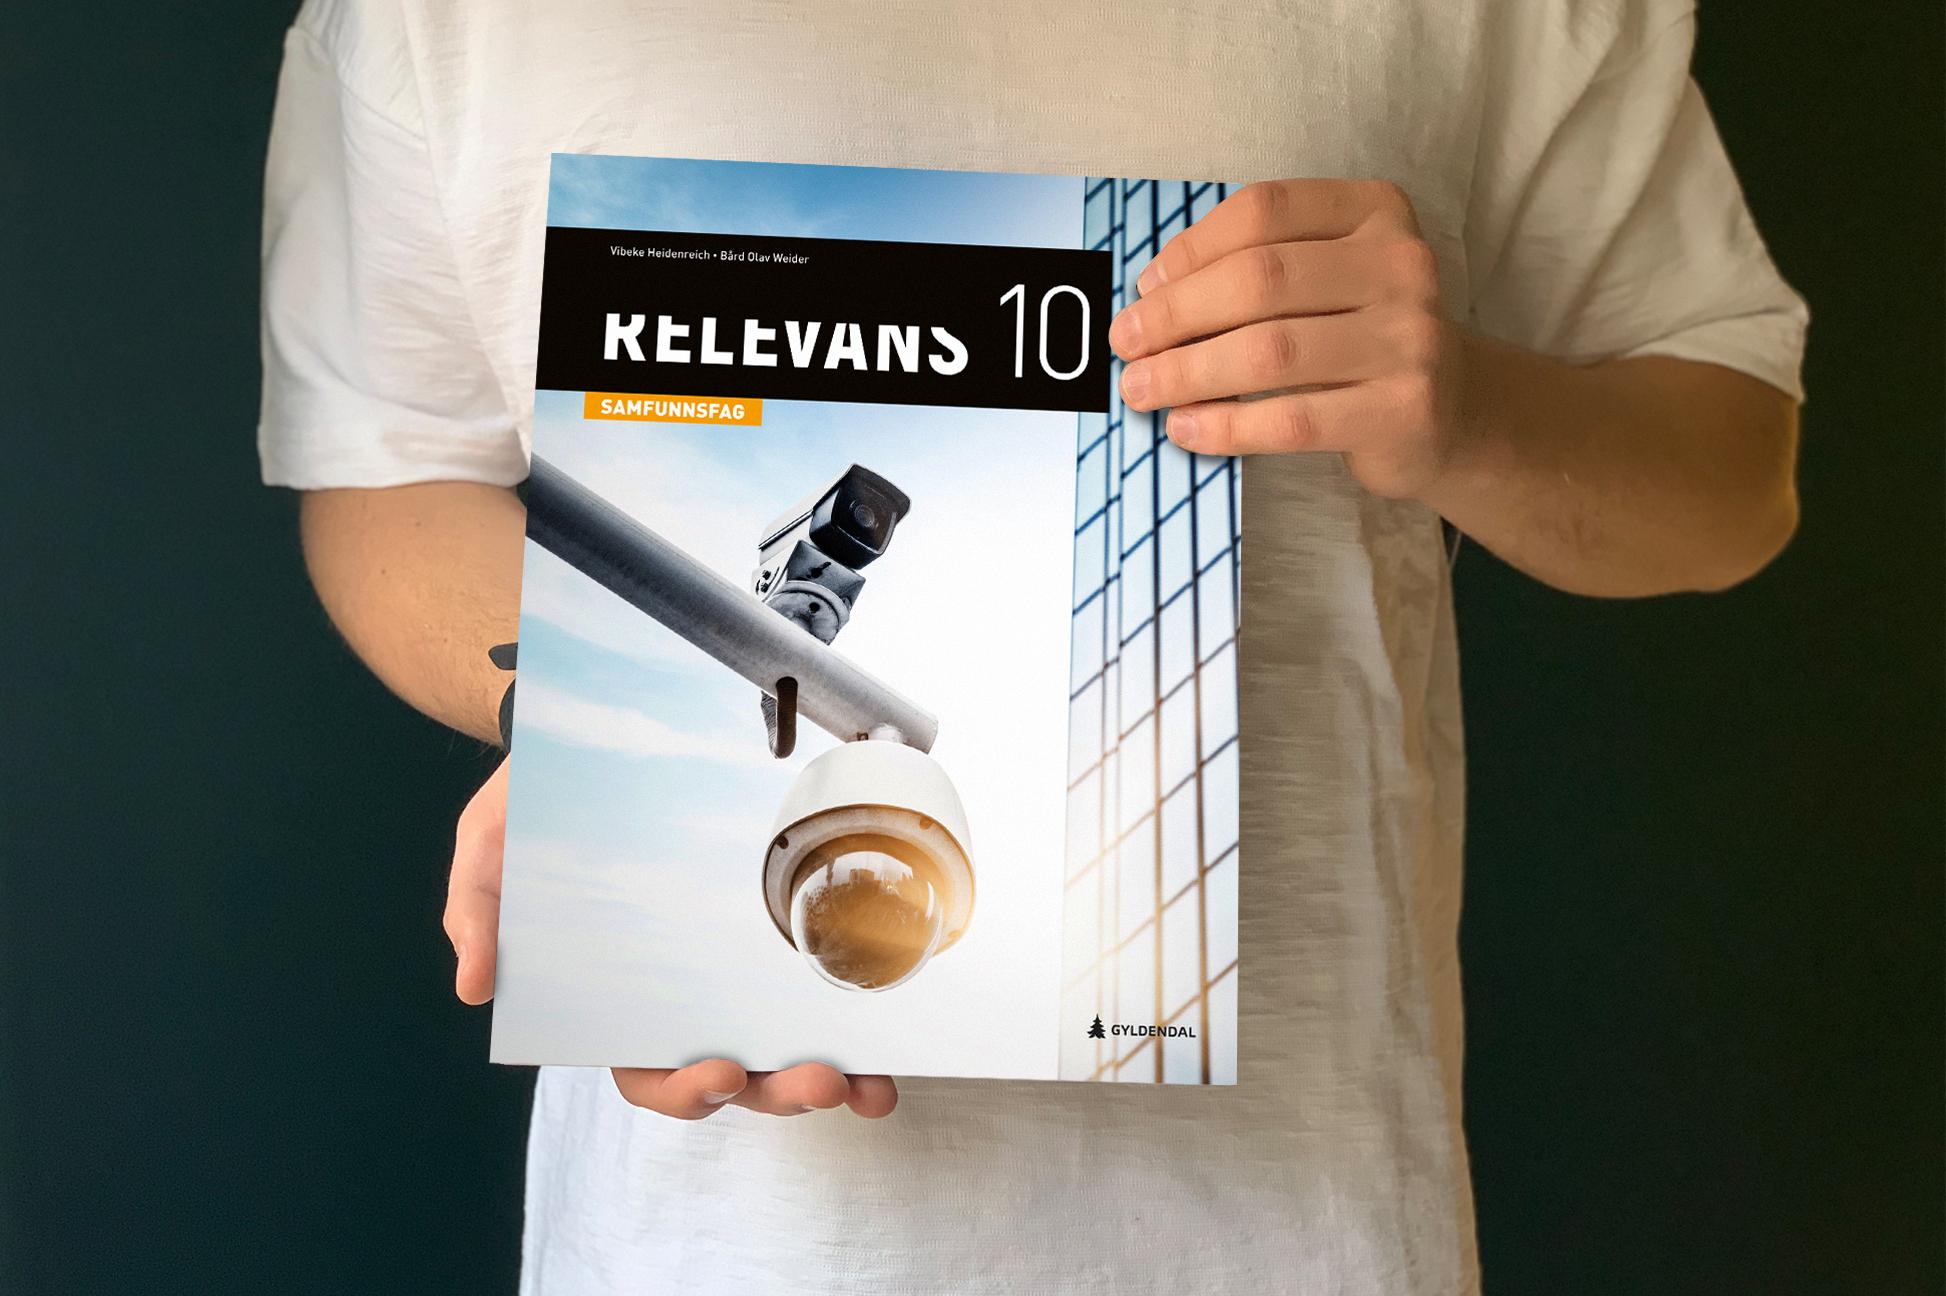 Mann i hvit t-shirt holder boken Relevans foran seg.